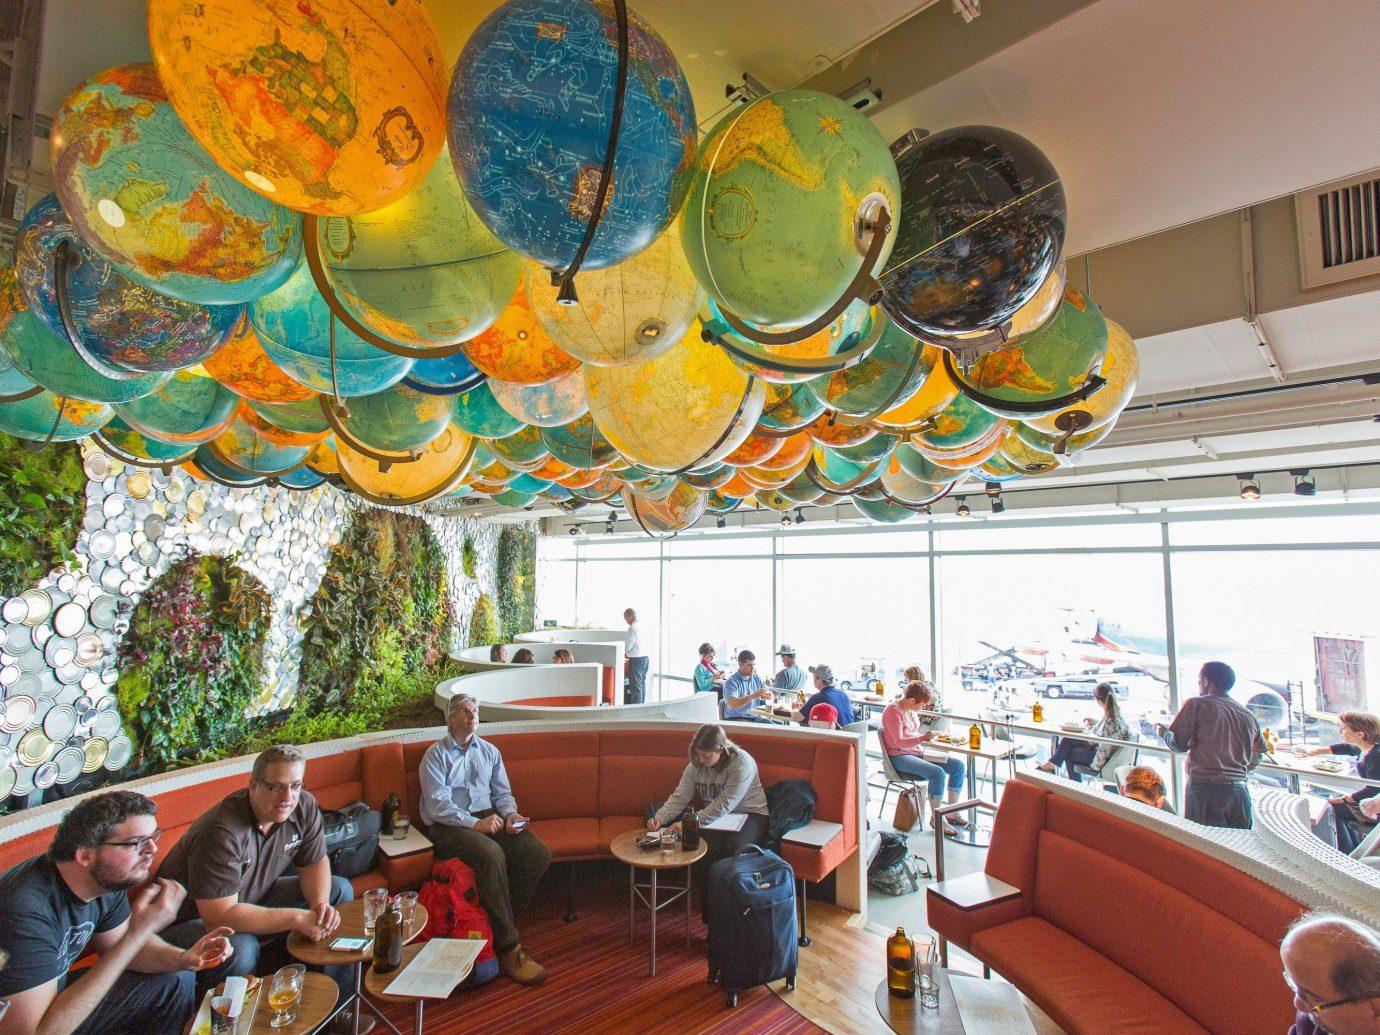 Food + Drink indoor meal Resort restaurant amusement park